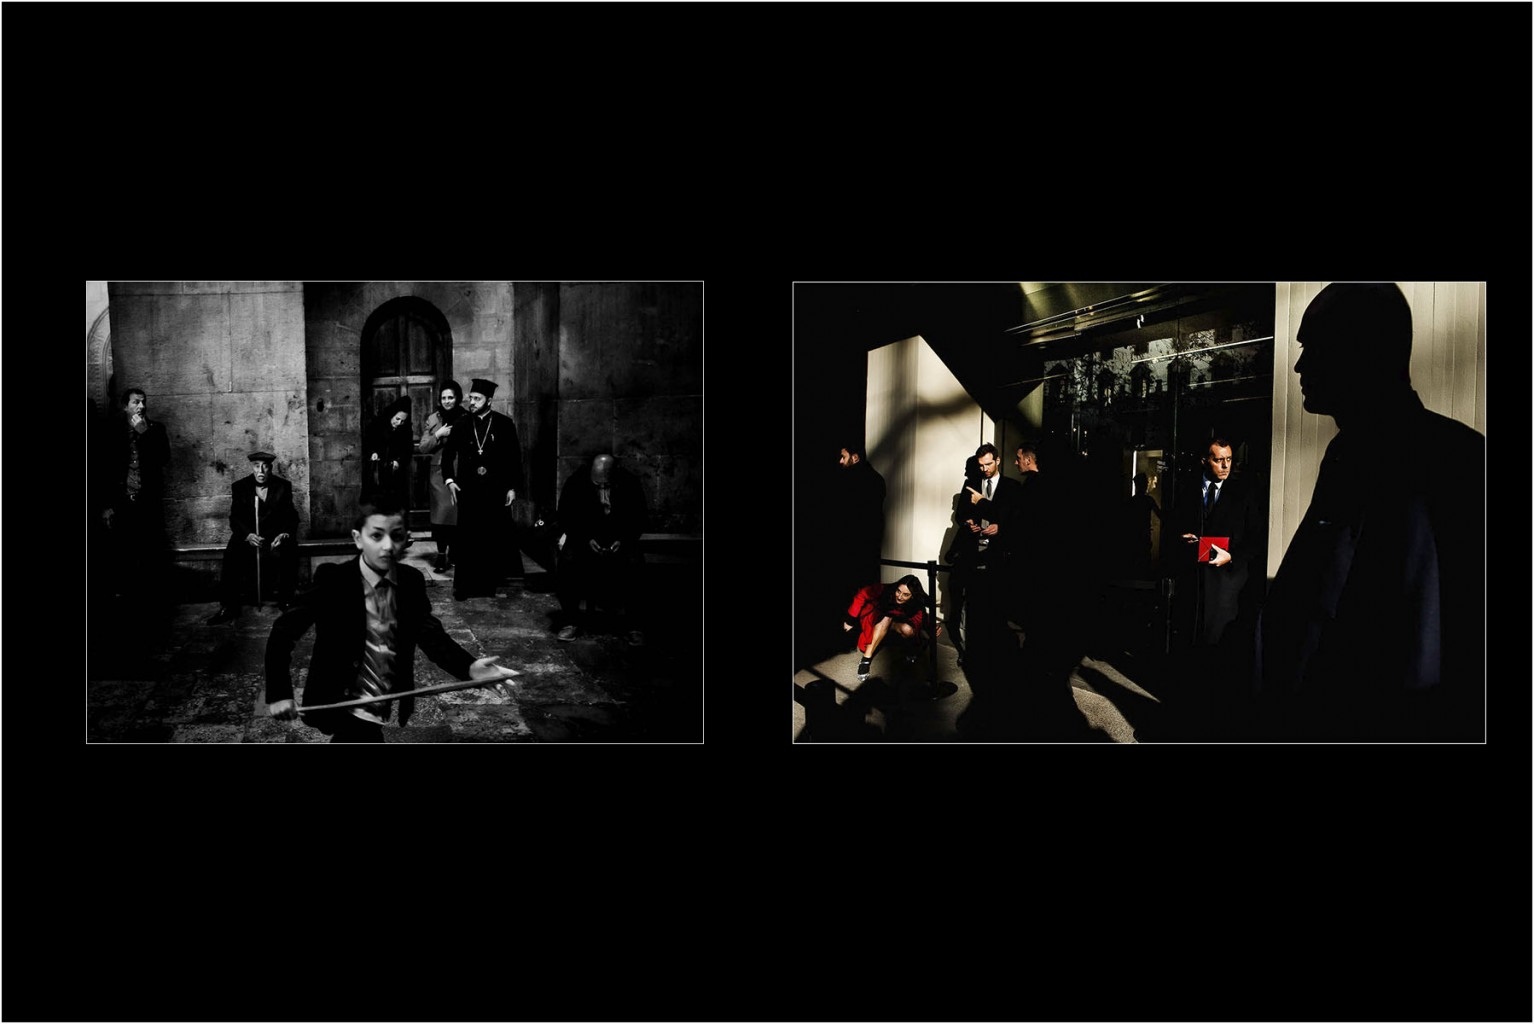 Chighine Luigi con il complesso delle opere - Truciolo d'Oro